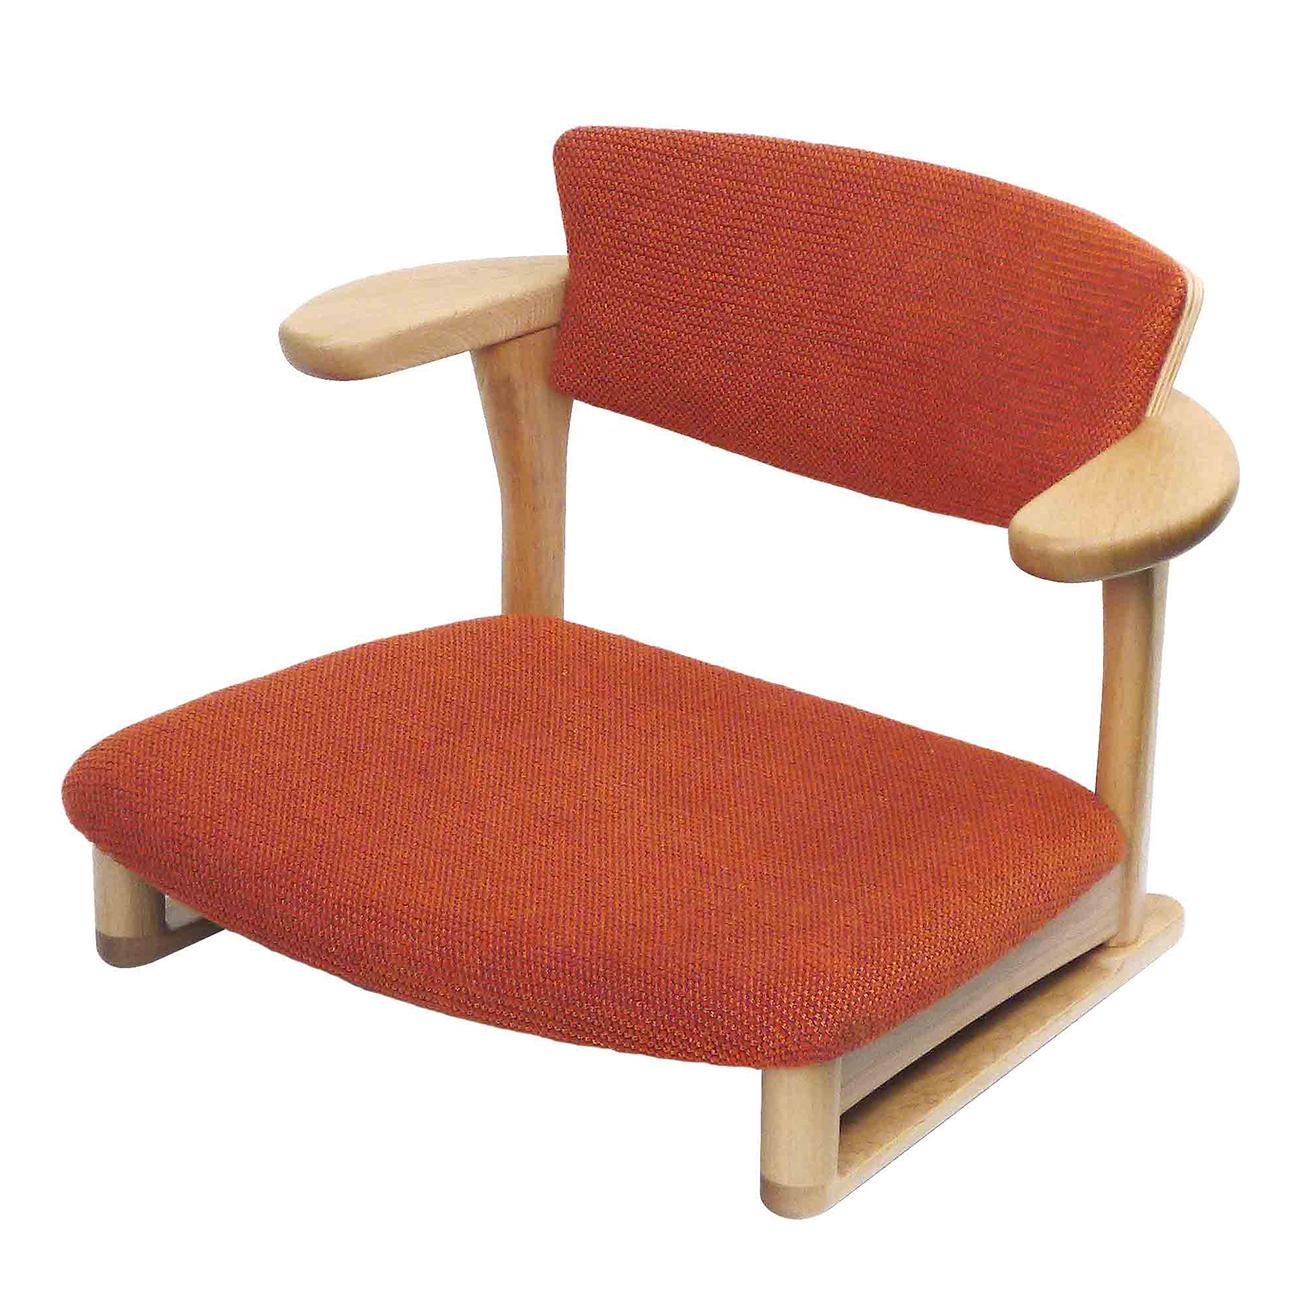 腰の椅子 Awaza LD 低座椅子 オーク:ナラ 座面布張  いのうえアソシエーツ